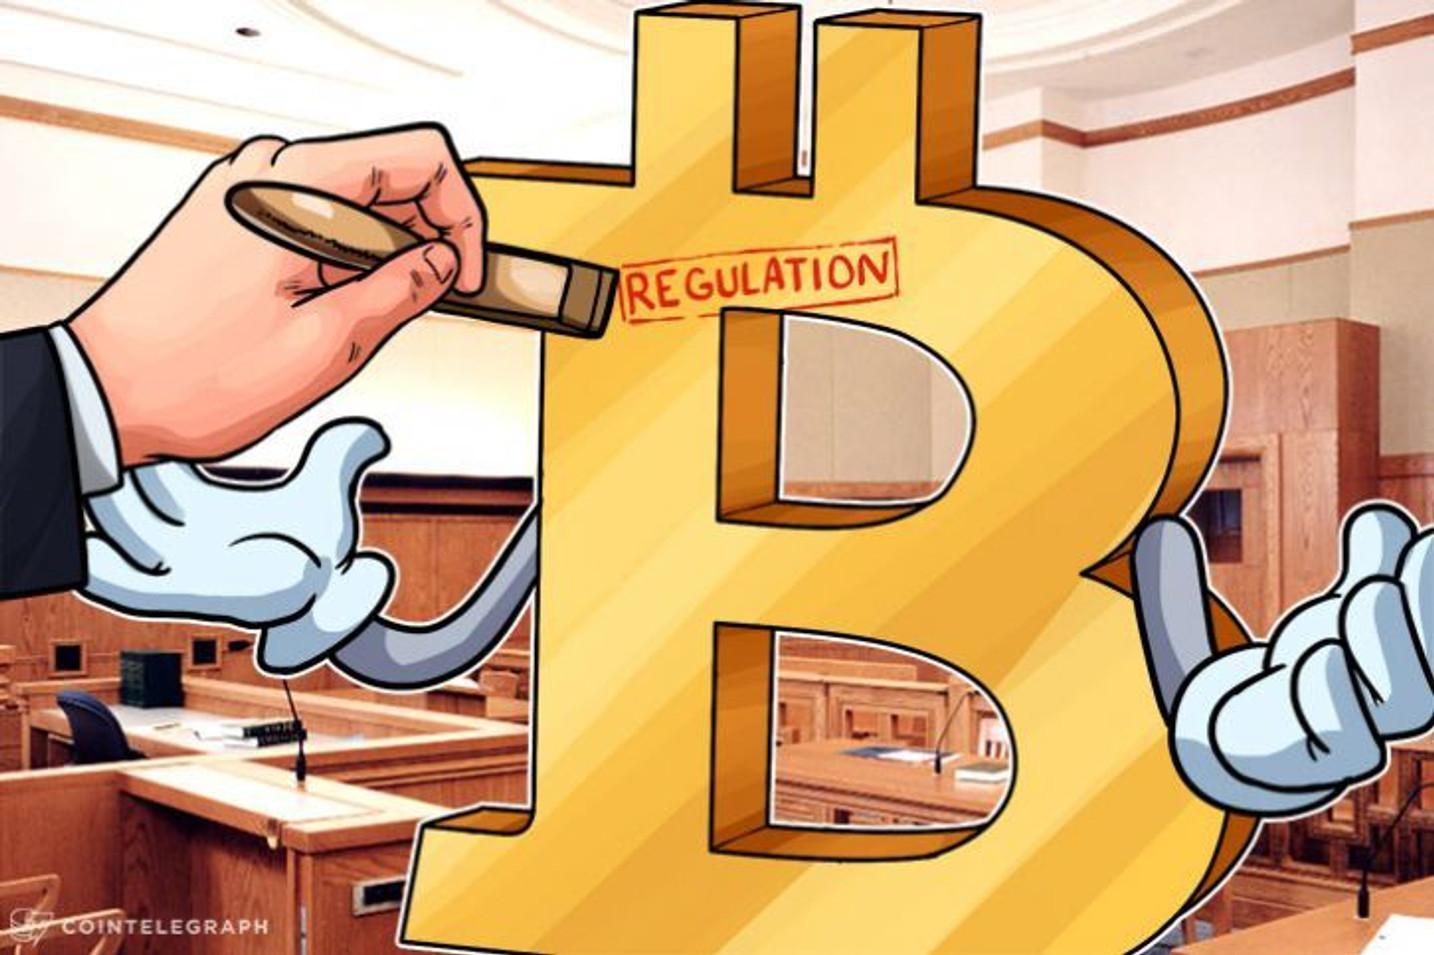 El Primer Ministro de Vietnam aprueba un plan para autorizar a Bitcoin como forma de pago